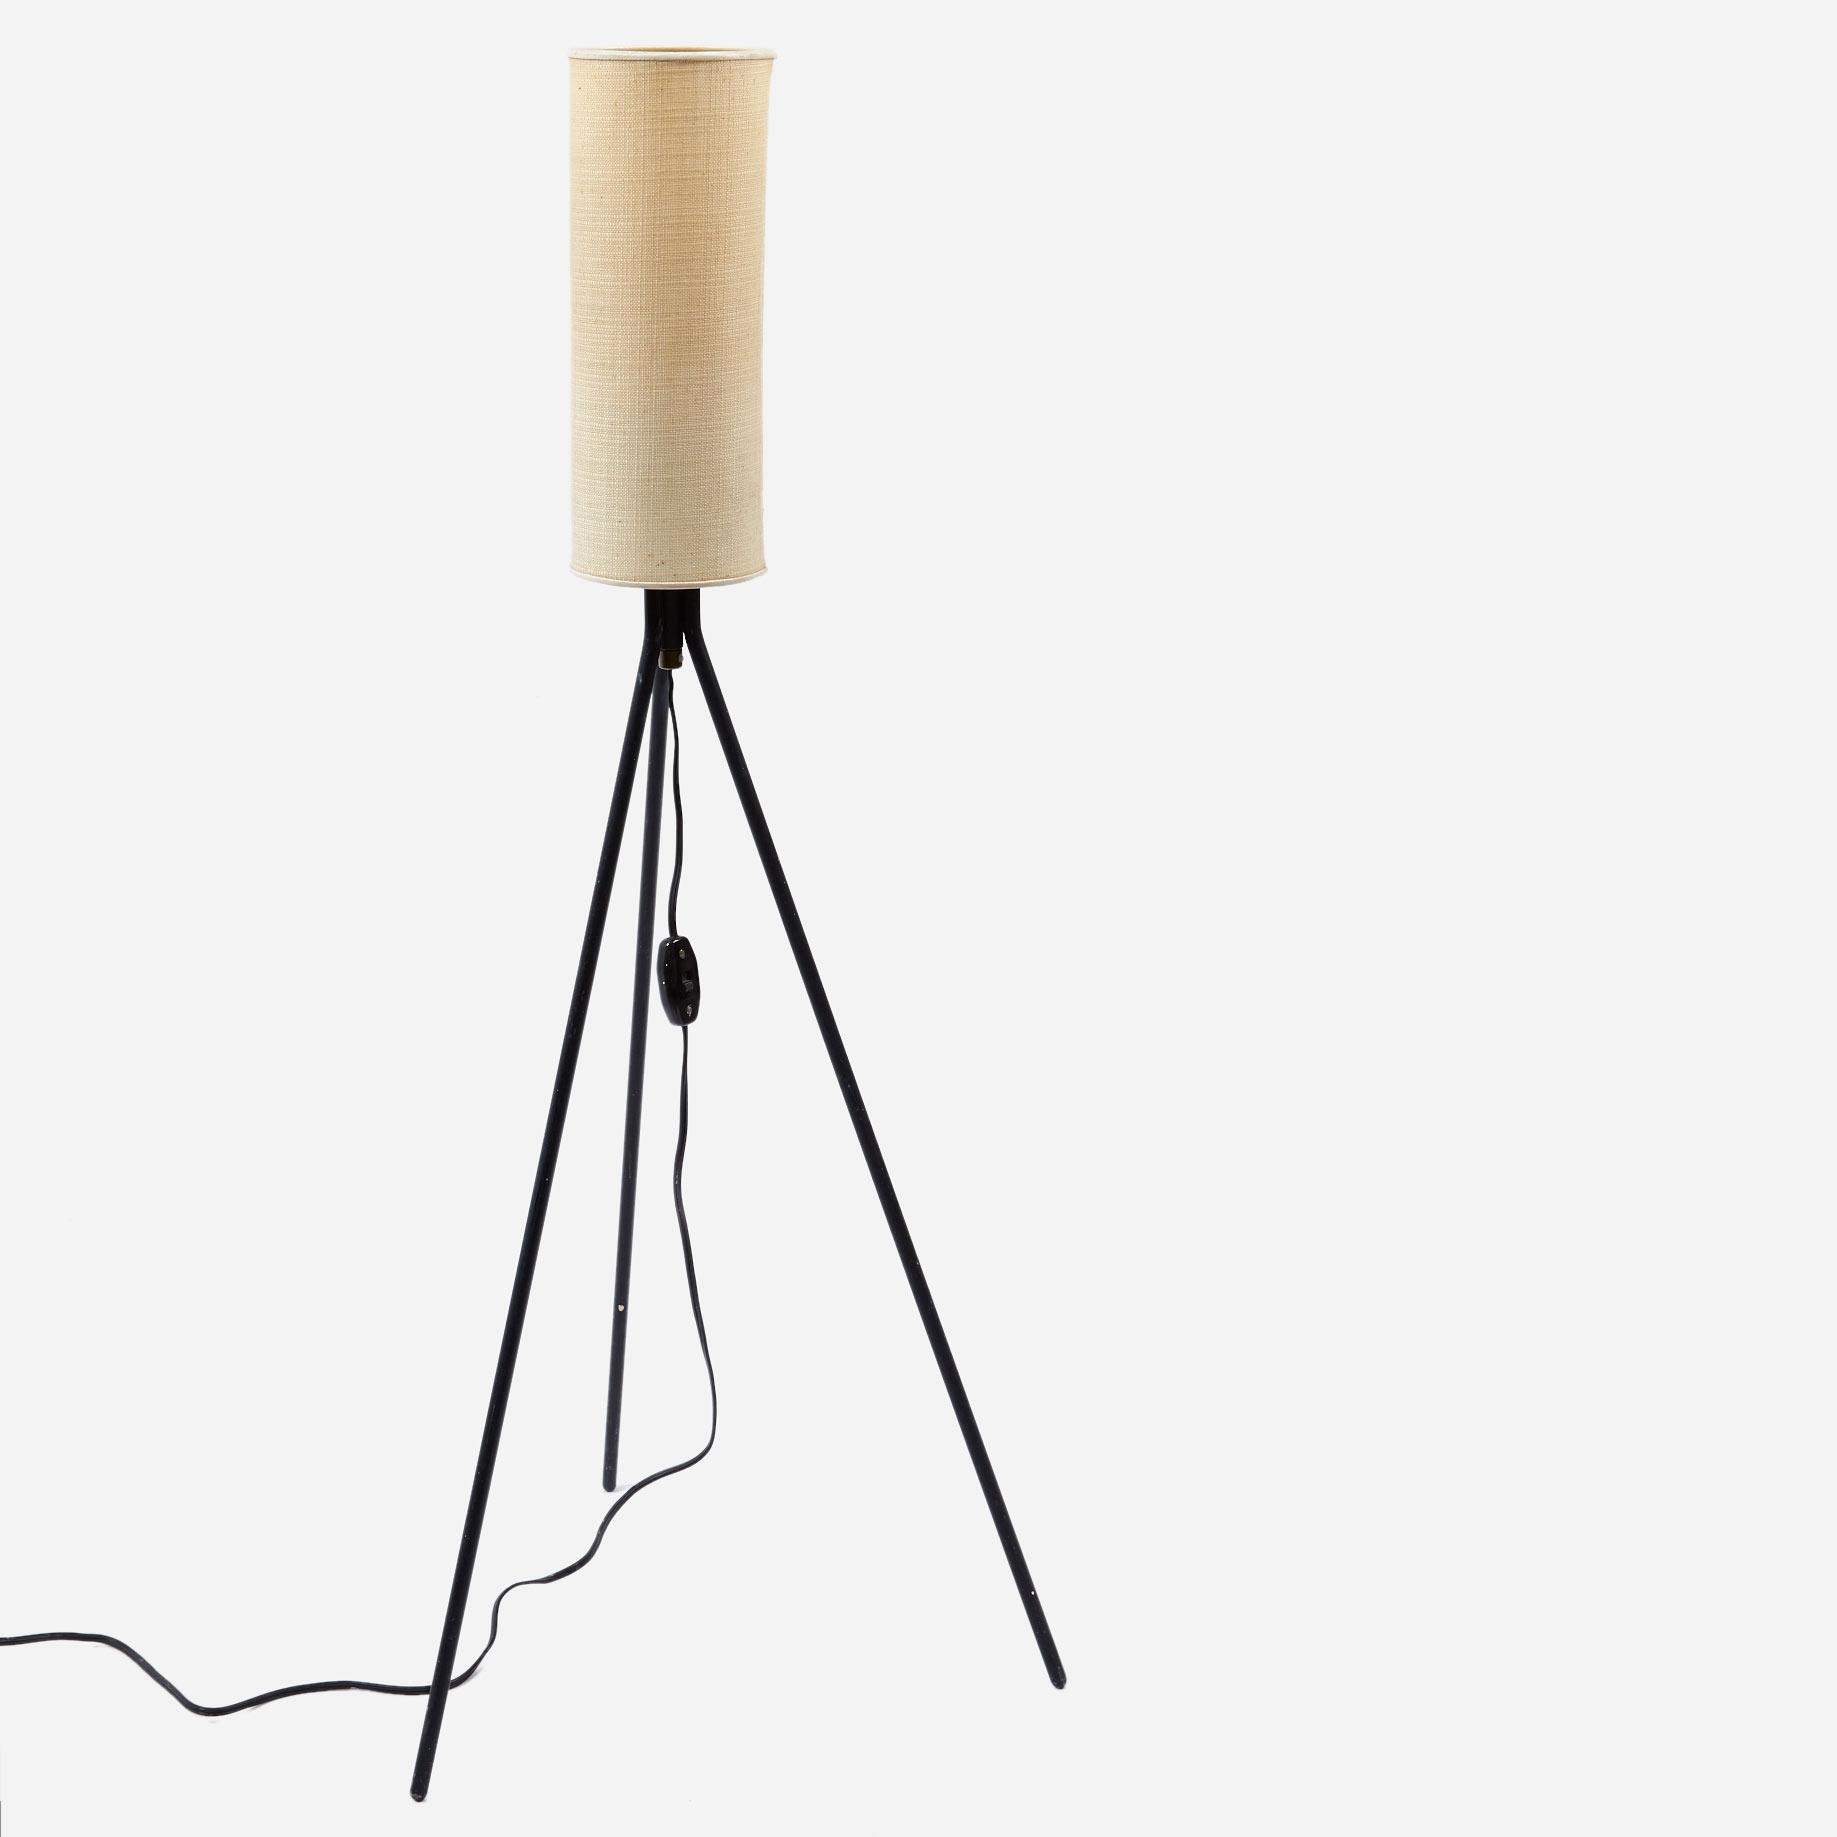 3 bein lampe m bel z rich vintagem bel. Black Bedroom Furniture Sets. Home Design Ideas